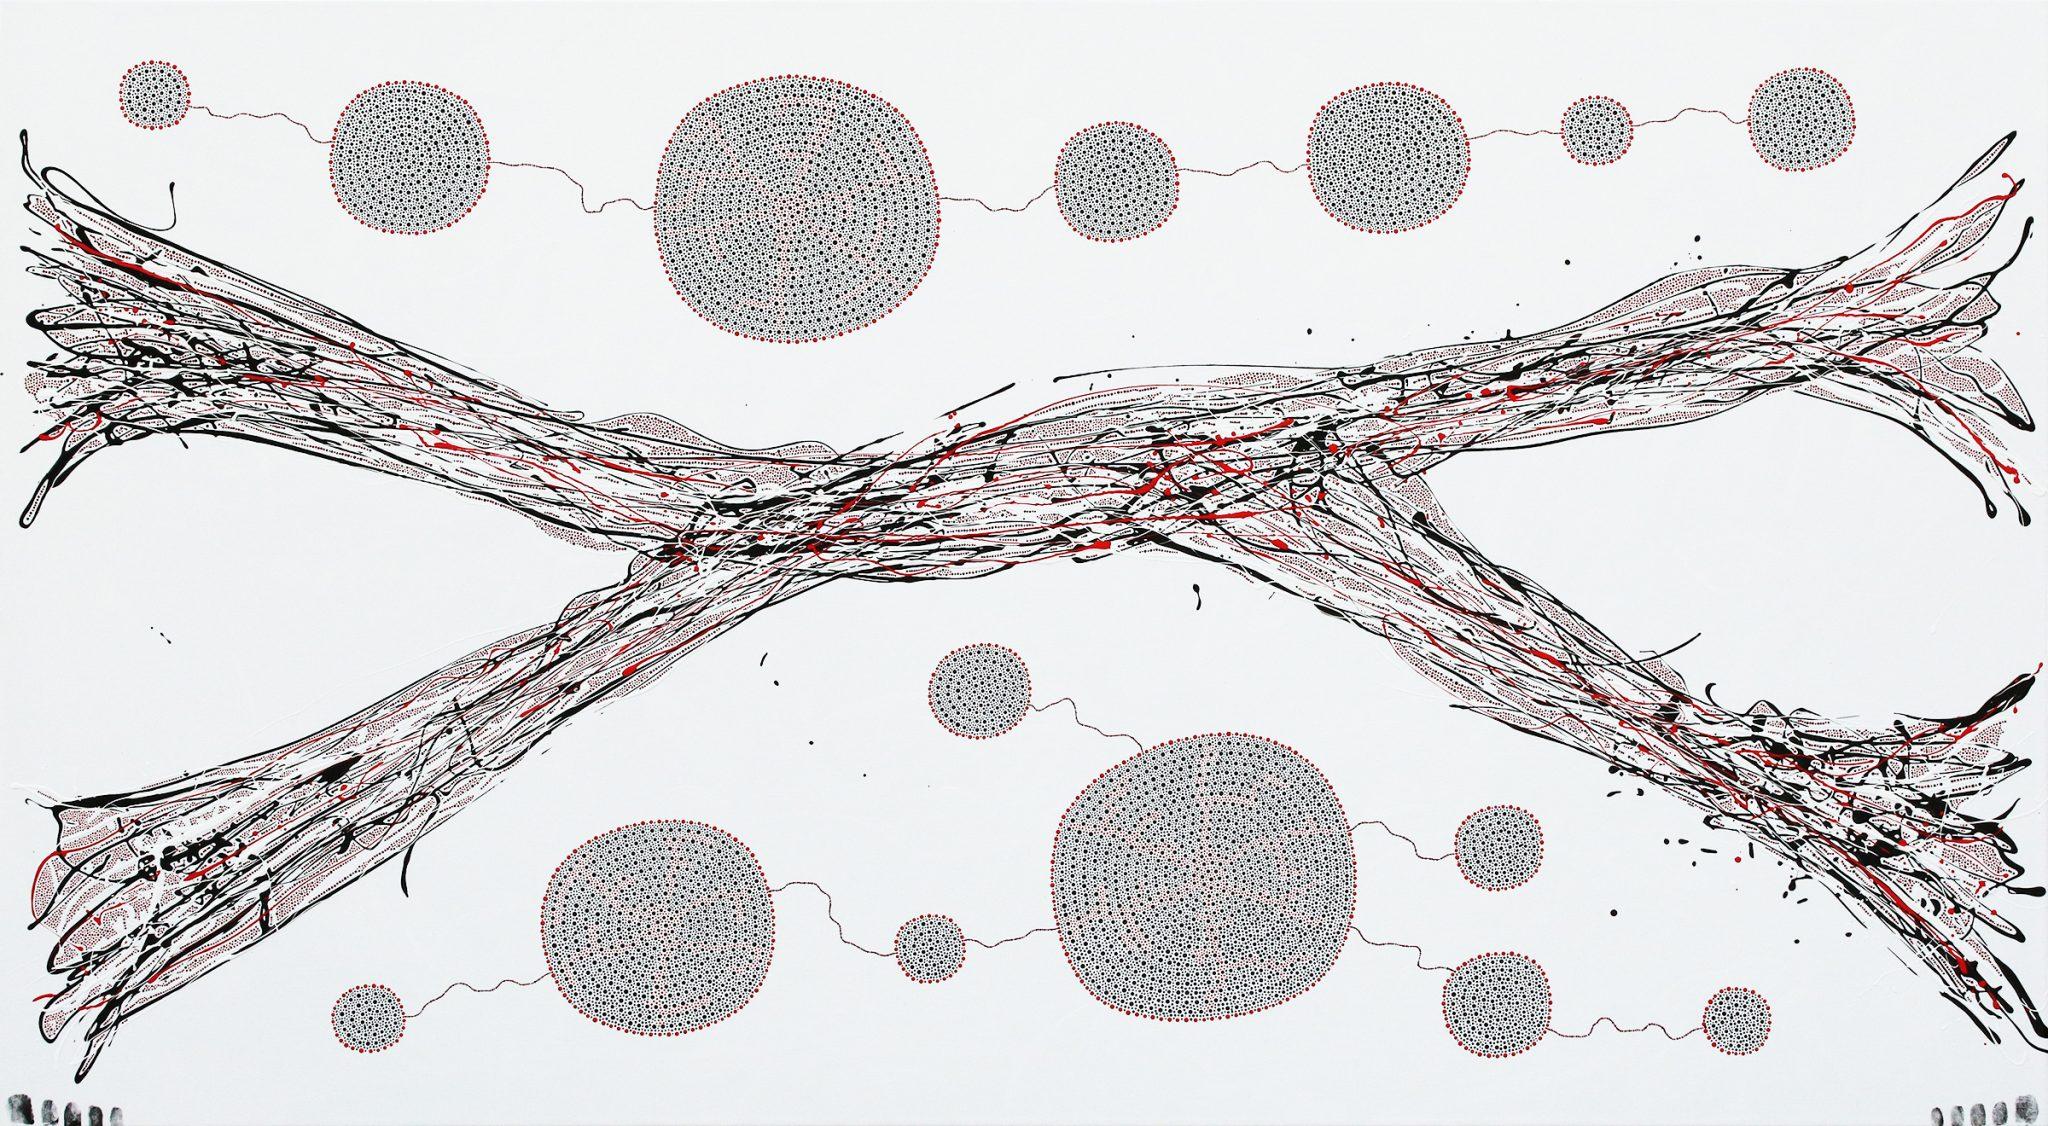 Quela's Mycelium Network by Julian Oates